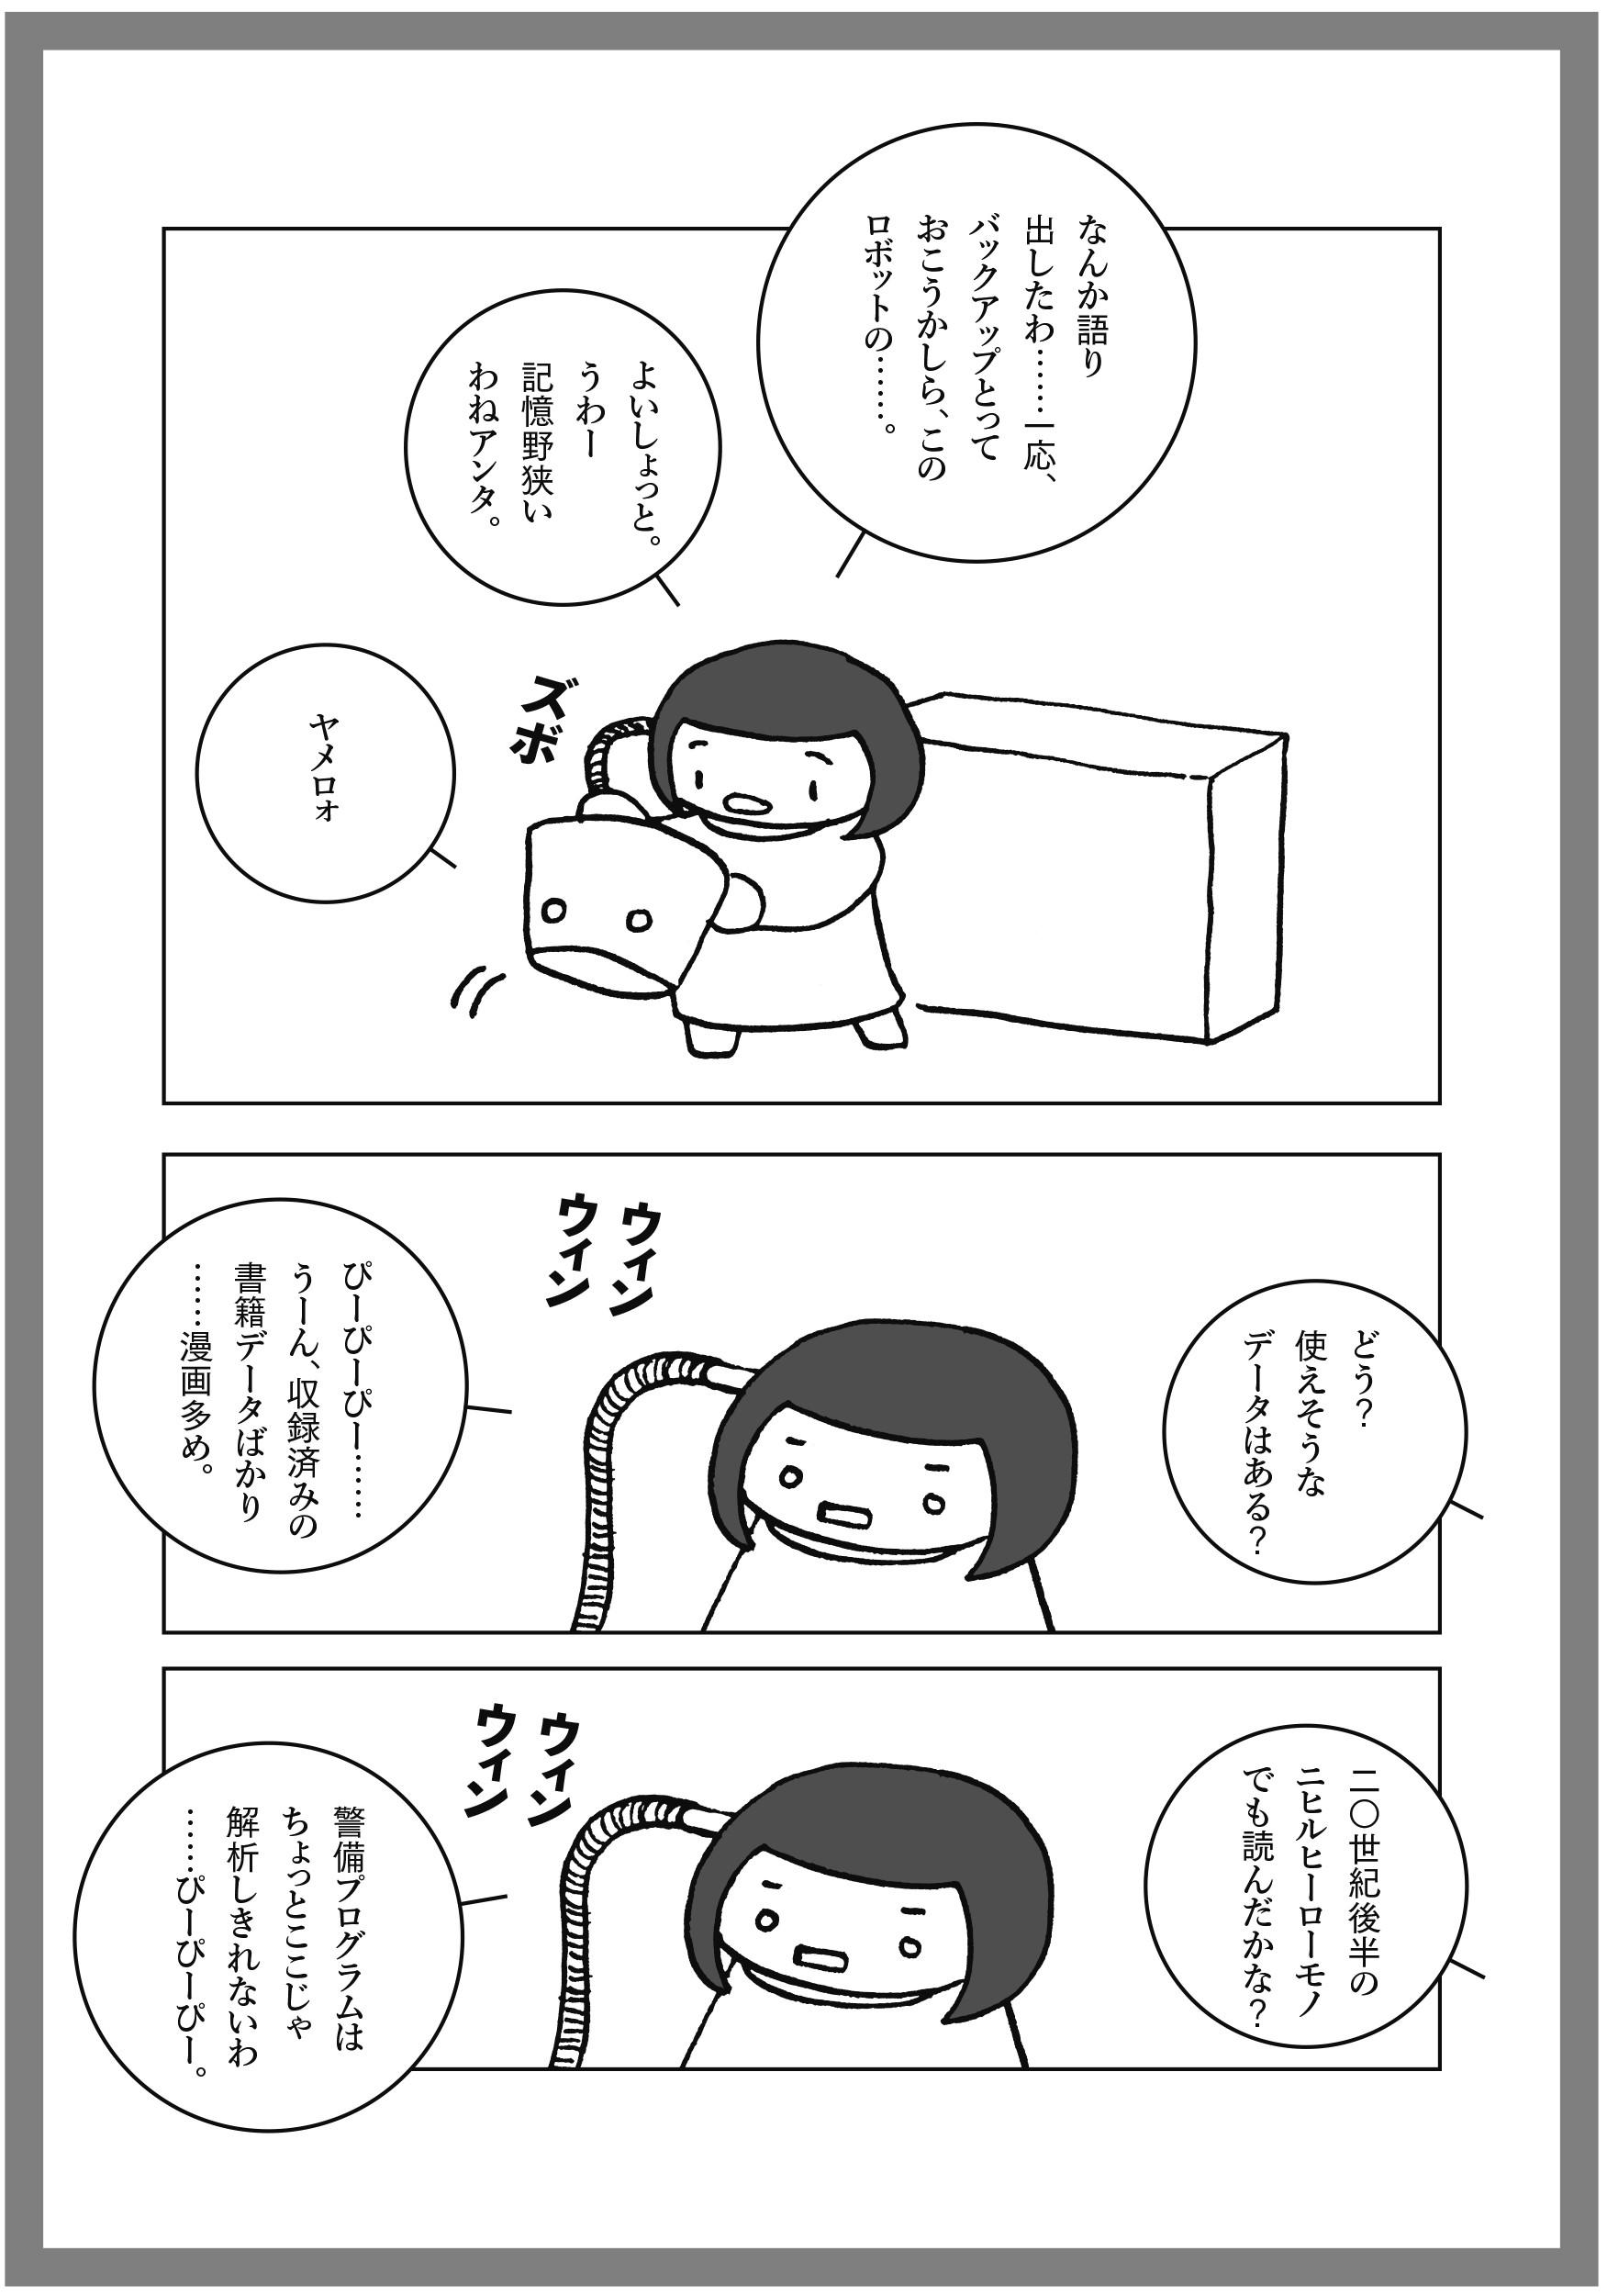 藤田 ニヒル